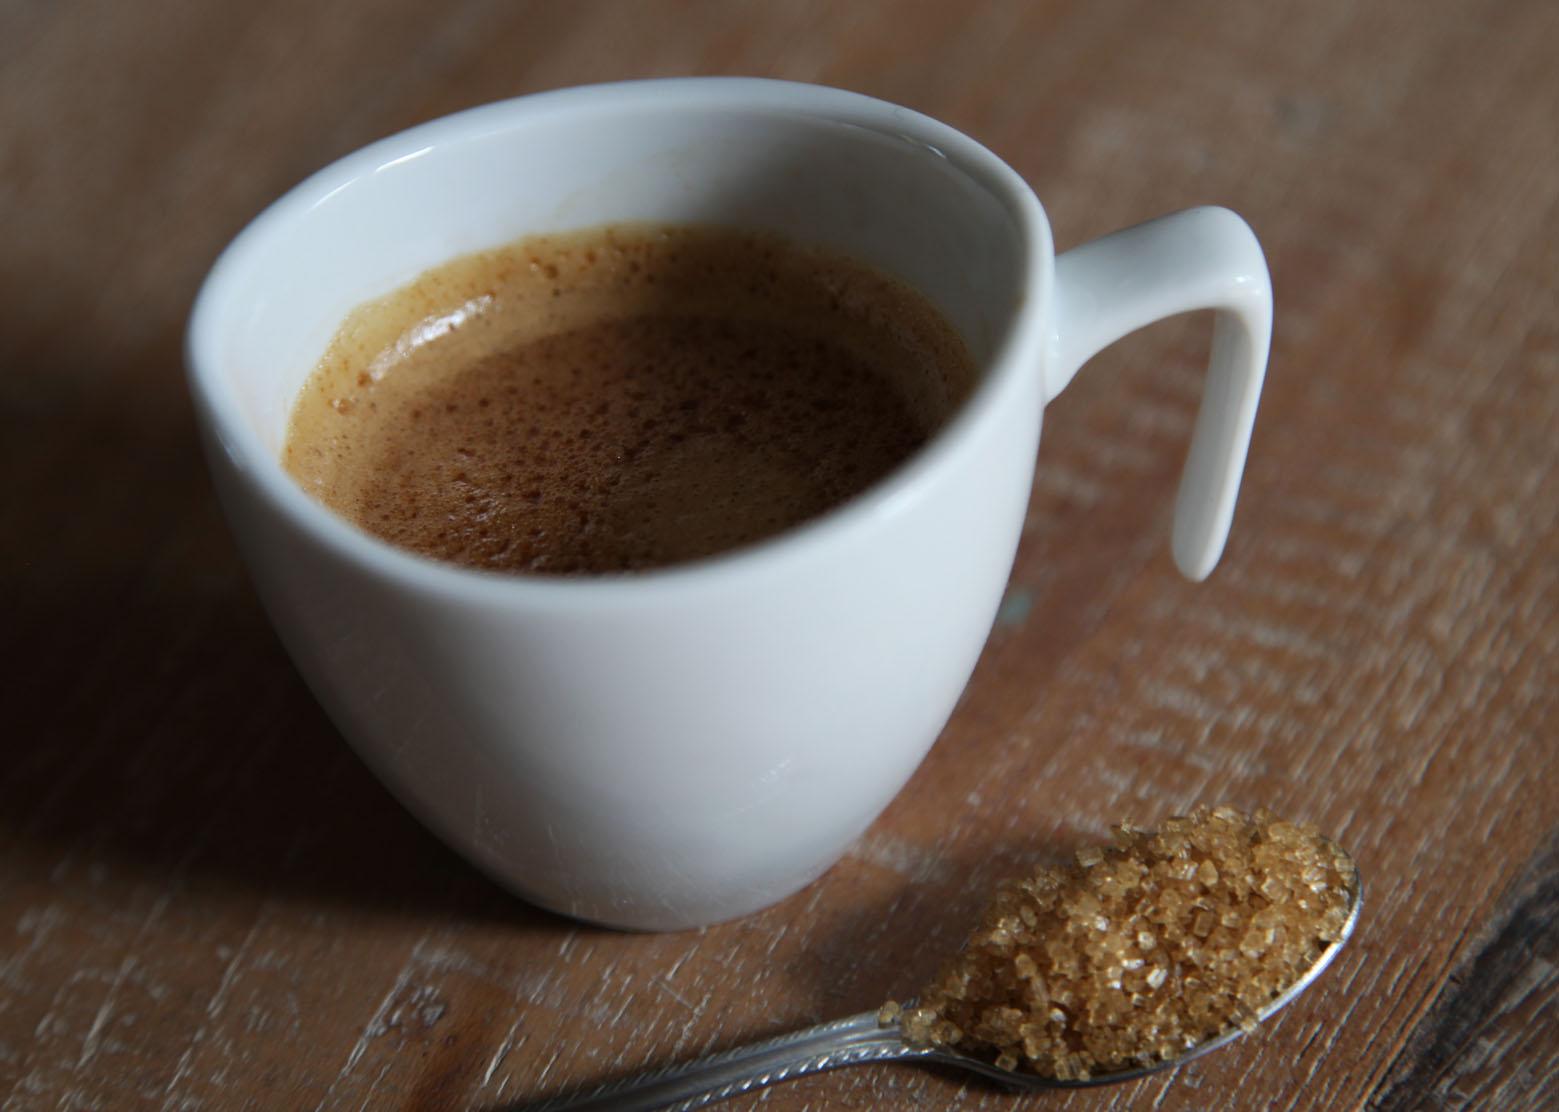 Érvek, hogy miért kezdd a napot egy csésze fekete kávéval!? | Peak Man